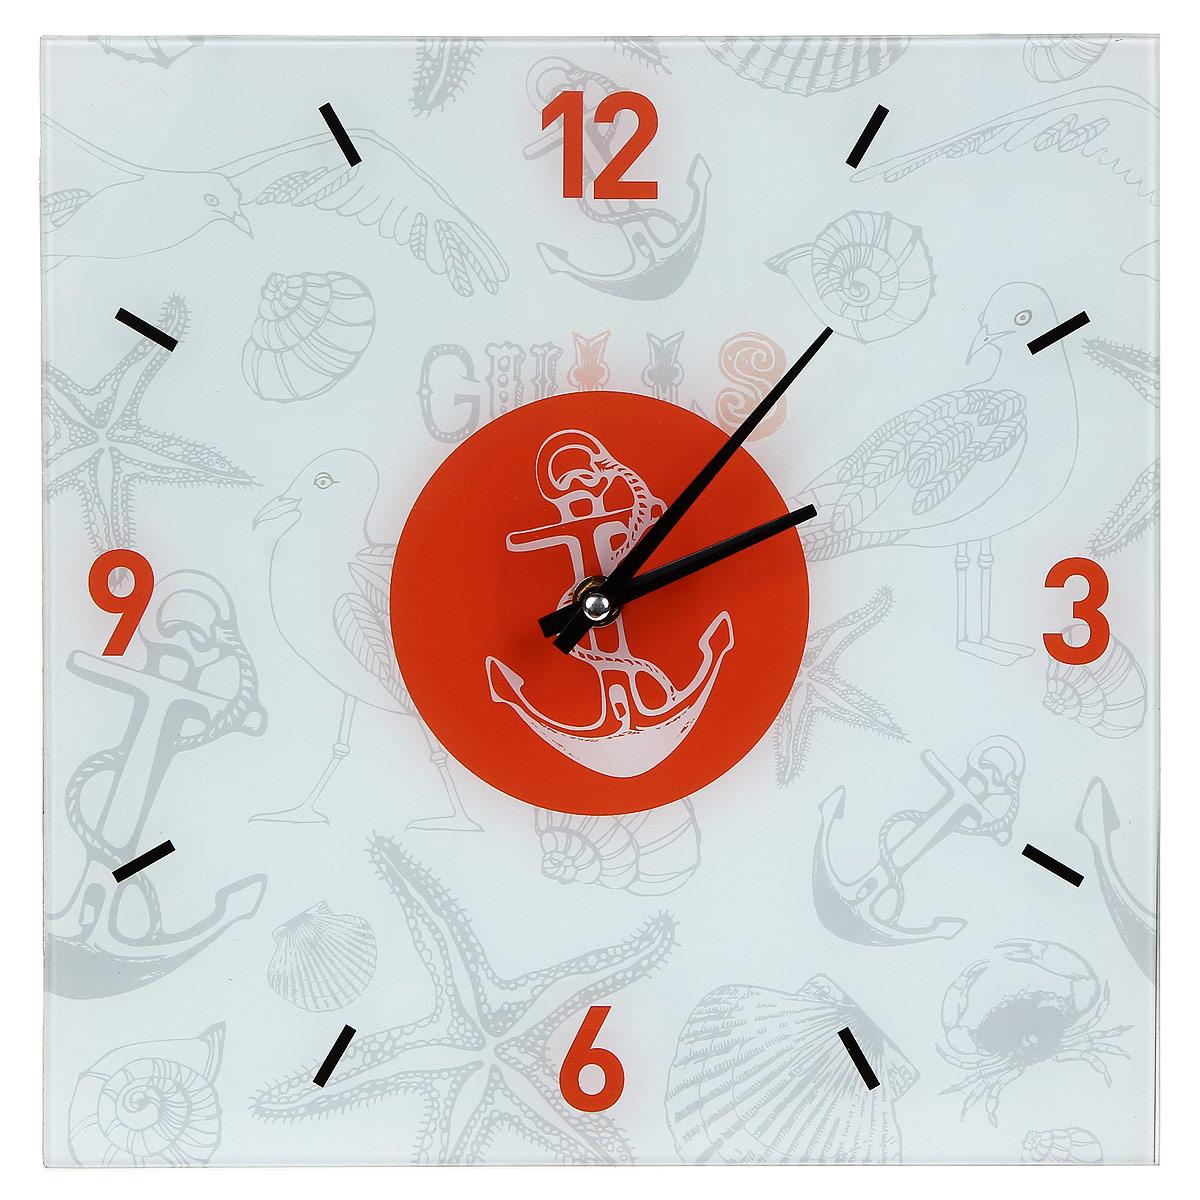 Часы настенные Морские. 2780827808Настенные часы квадратной формы Морские своим эксклюзивным дизайном подчеркнут оригинальность интерьера вашего дома. Часы выполнены из стекла и украшены изображением чаек, якорей, ракушек и морских звезд. Часы имеют две стрелки - часовую и минутную. Циферблат часов не защищен стеклом. Настенные часы Морские подходят для кухни, гостиной, прихожей или дачи, а также могут стать отличным подарком для друзей и близких. Часы работают от одной батарейки типа АА (не входят в комплект).